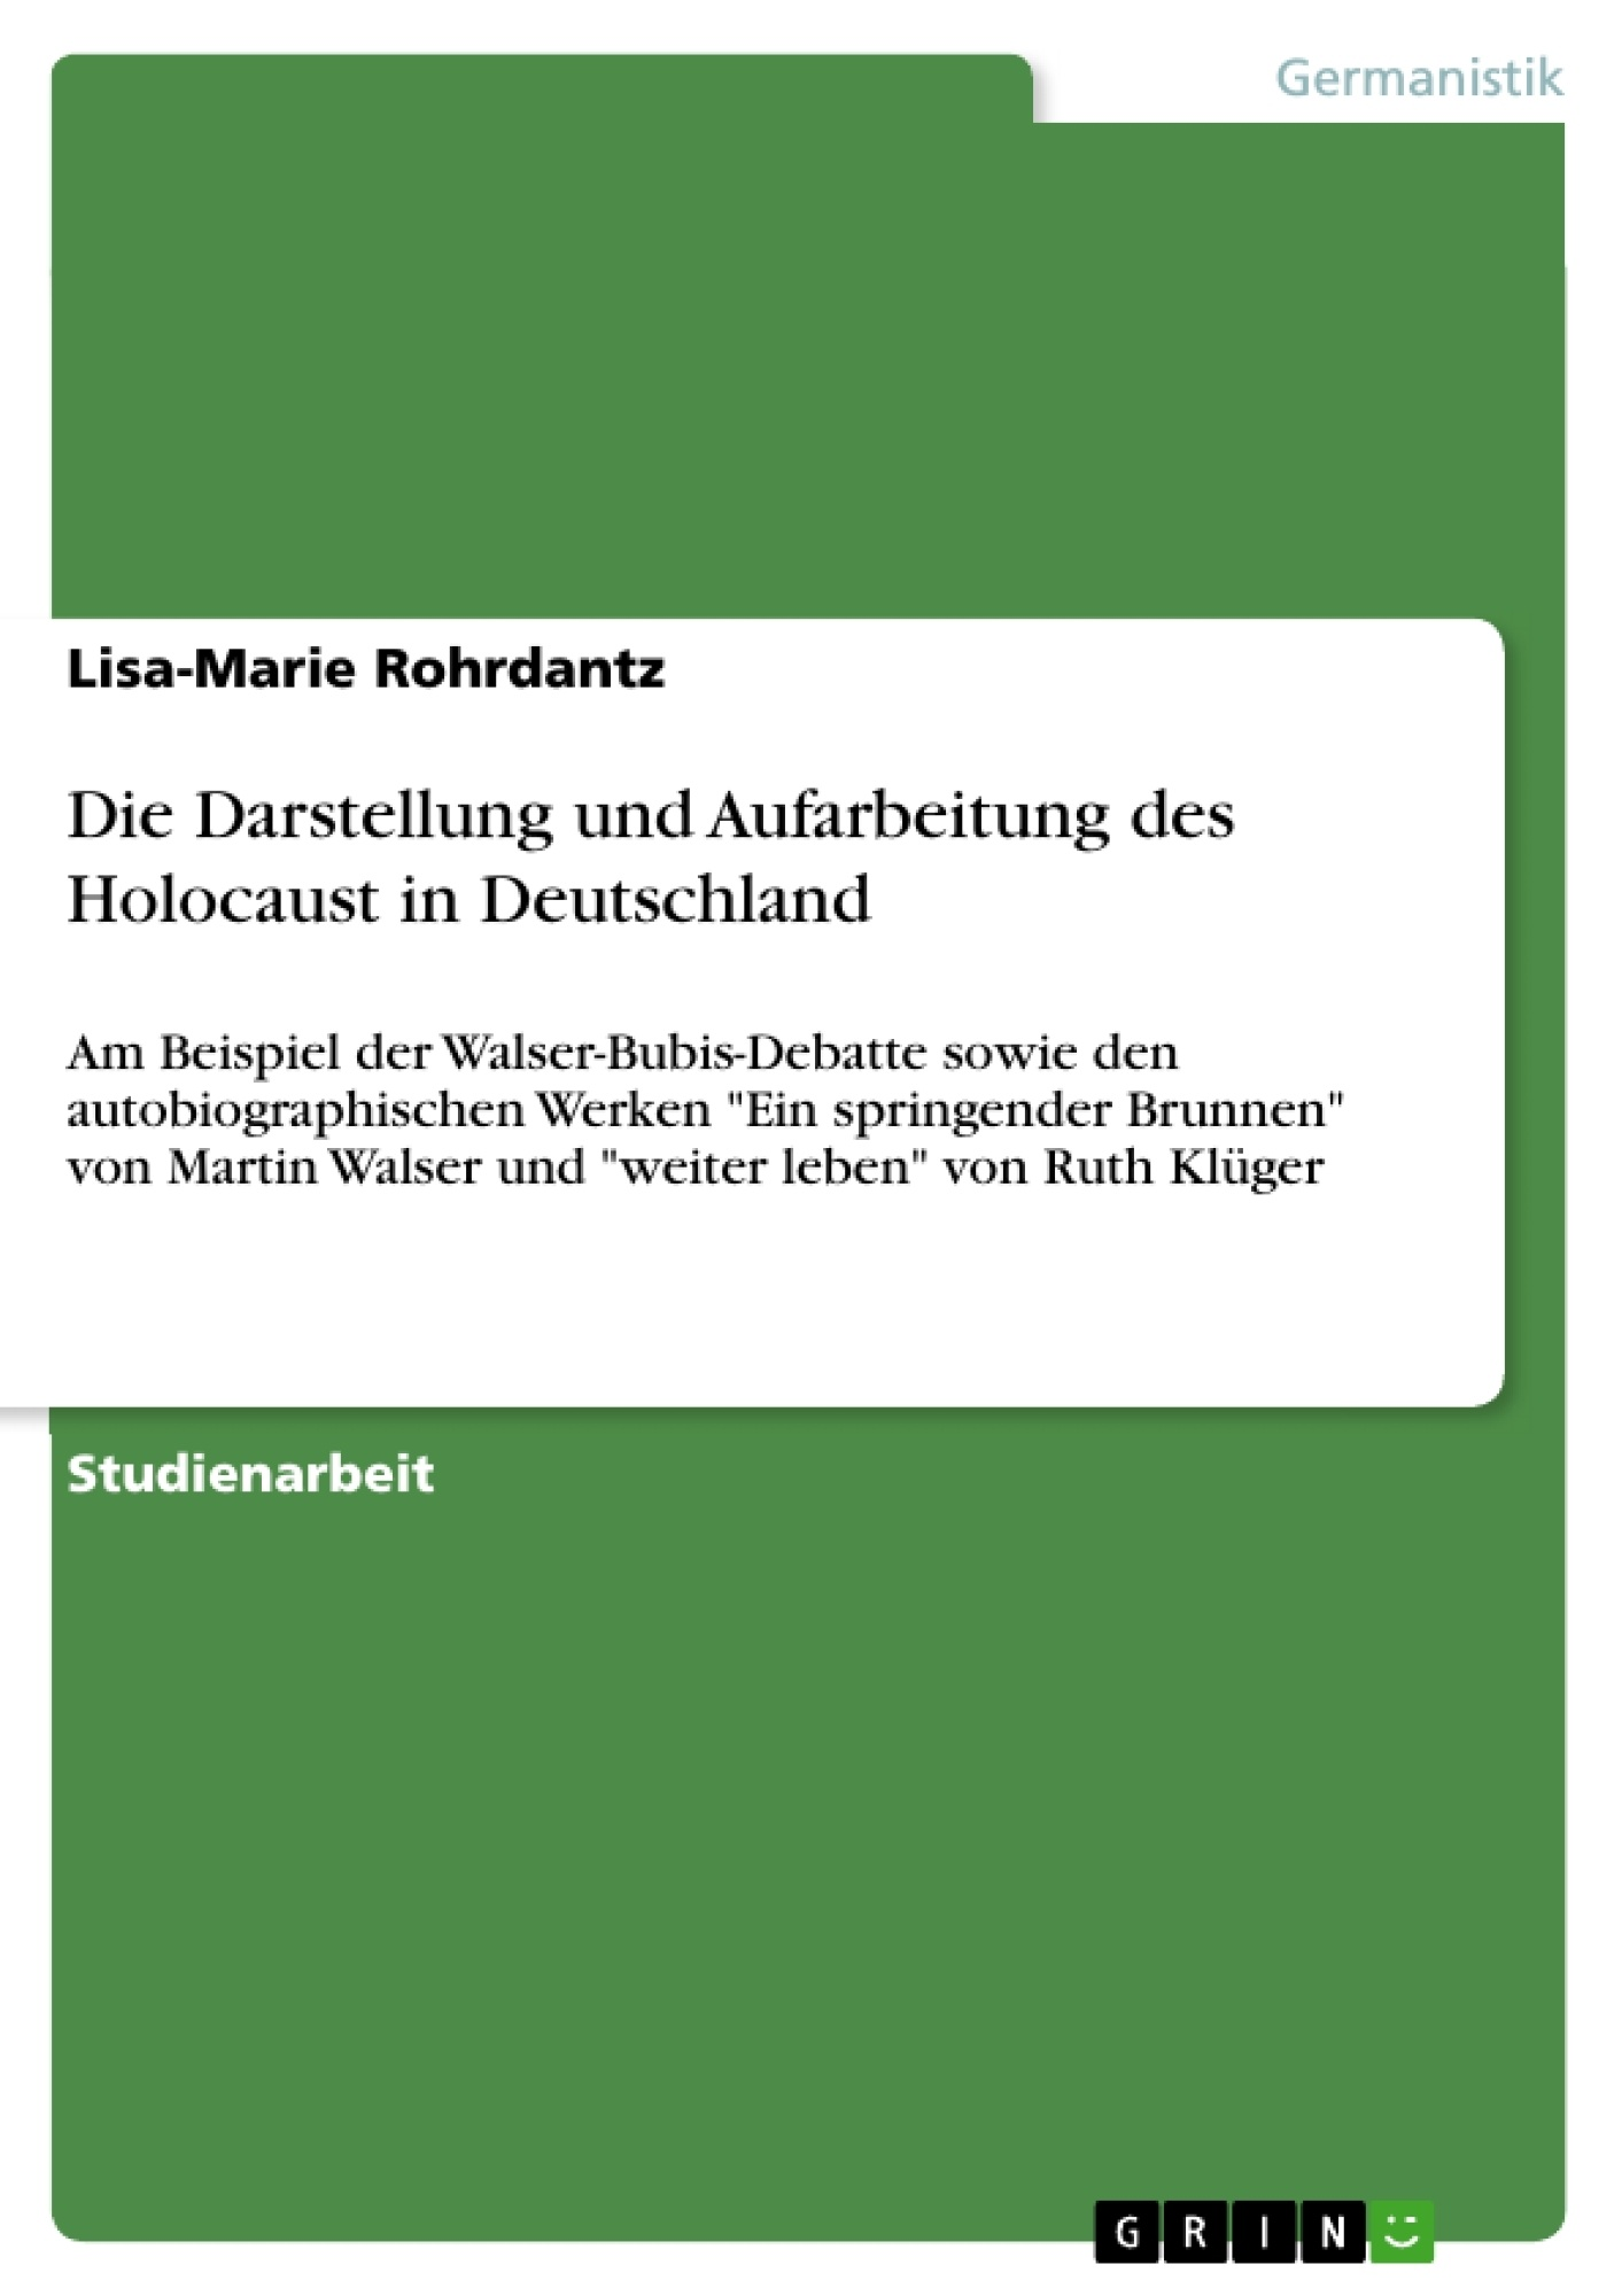 Titel: Die Darstellung und Aufarbeitung des Holocaust in Deutschland